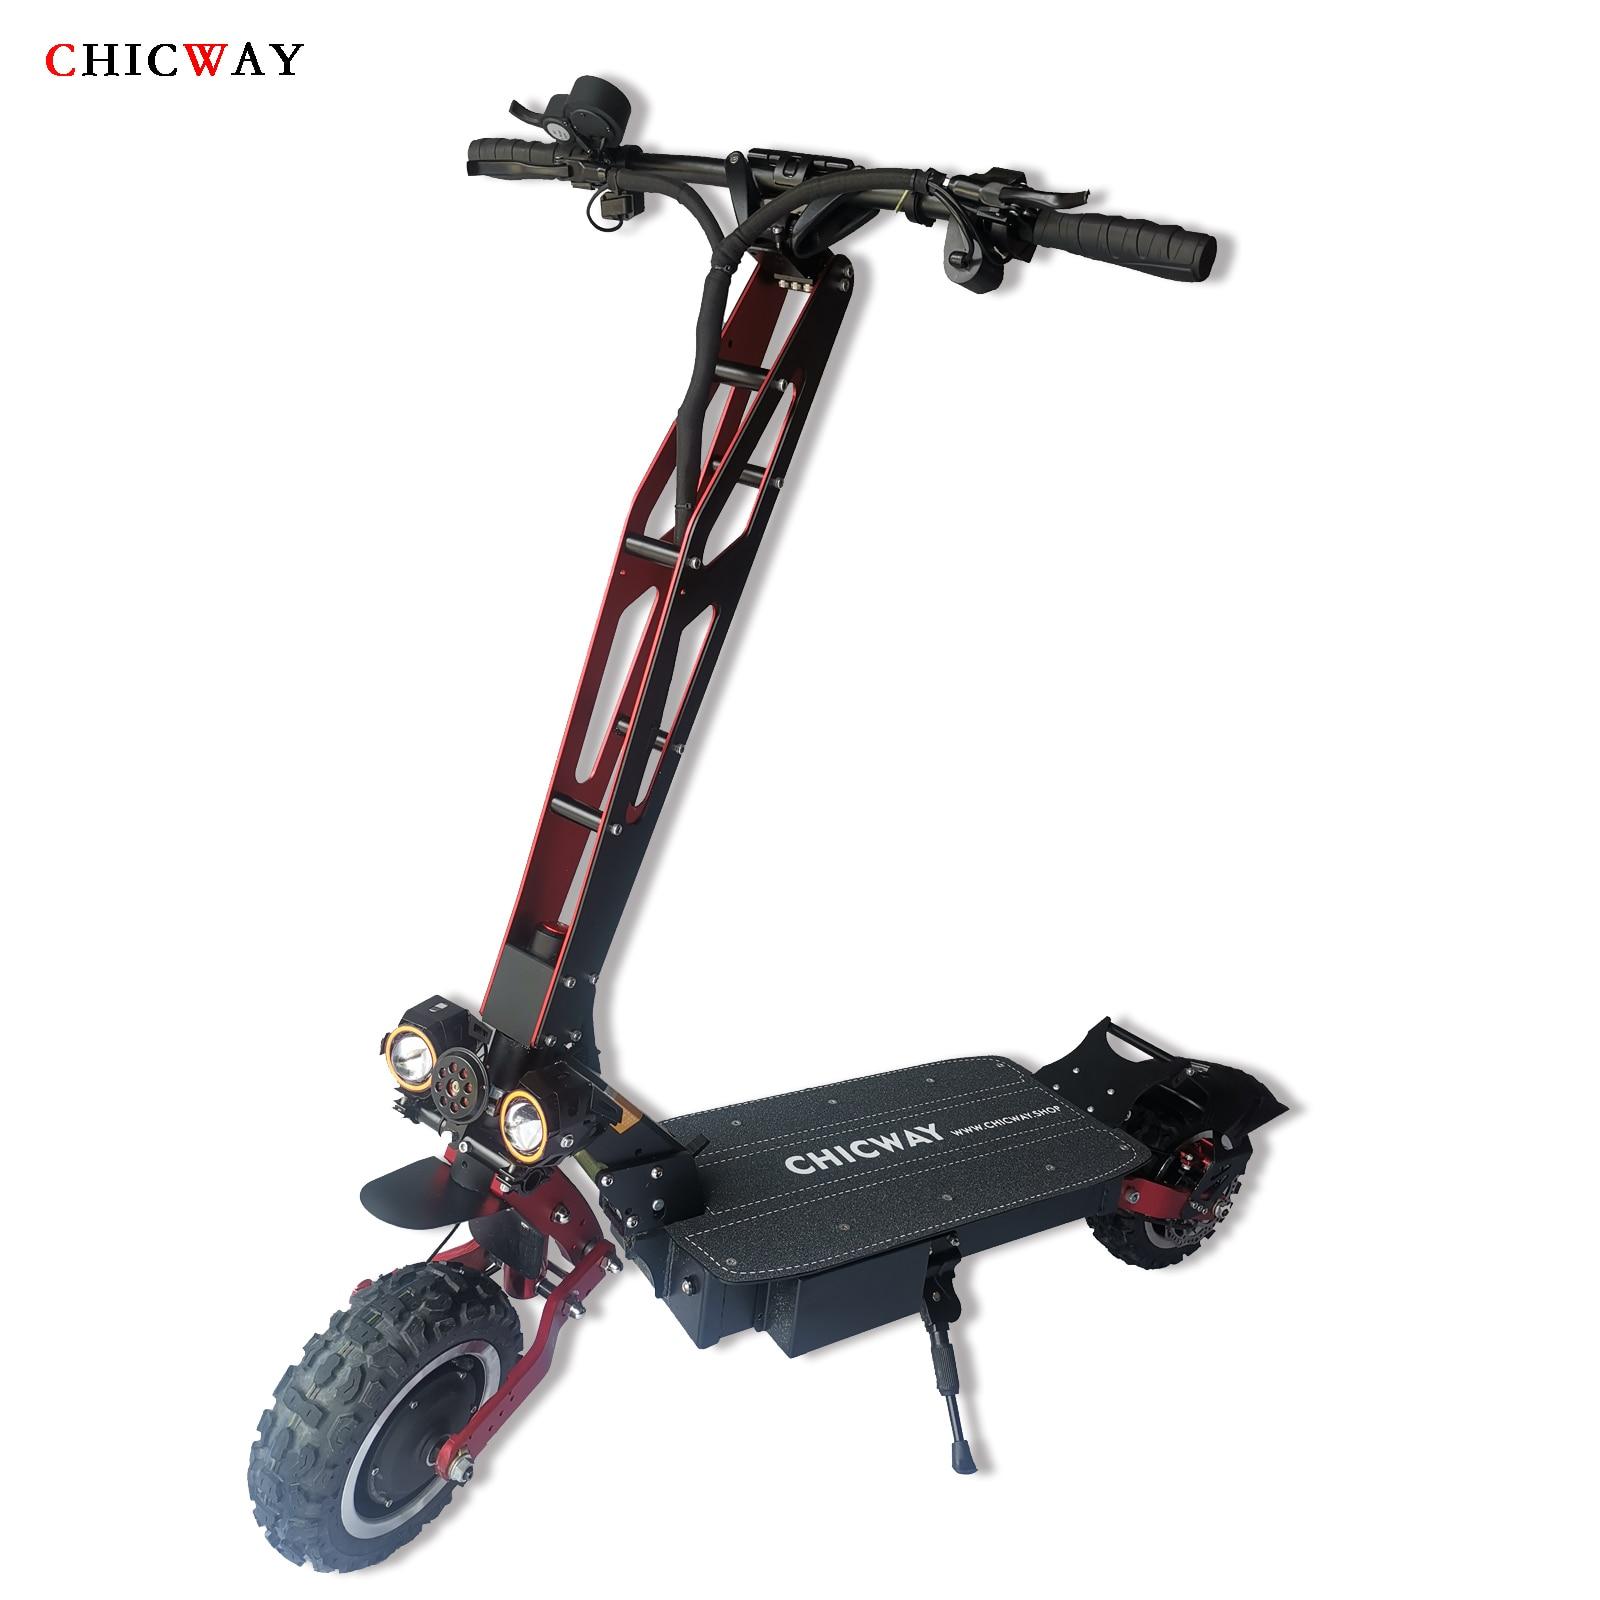 Scooter électrique tout-terrain CHICWAY Spiderman 2019 le plus chaud, double entraînement 3200 W, suspension indépendante, amortisseur hydraulique, 80 km/h